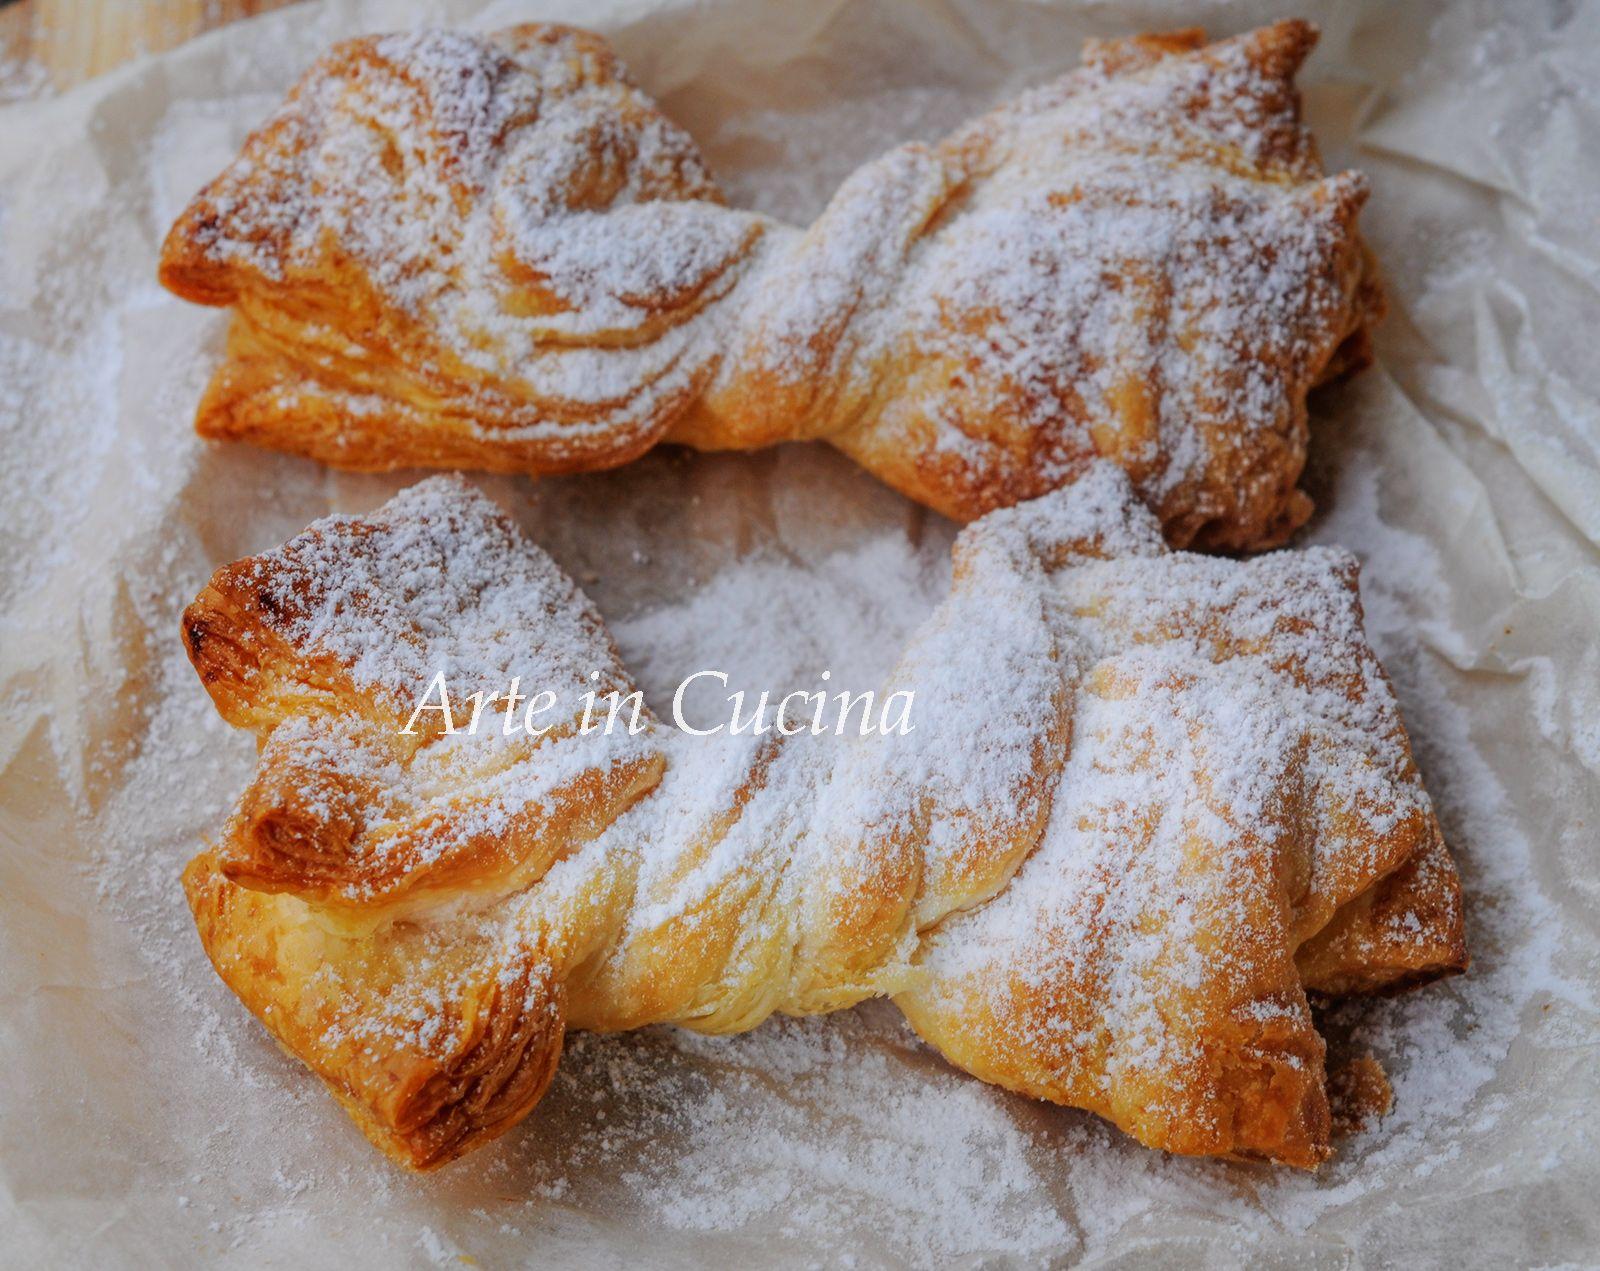 142adaf3e99c5fbe6aacfb54594019bb - Ricette Con Pasta Sfoglia Dolci